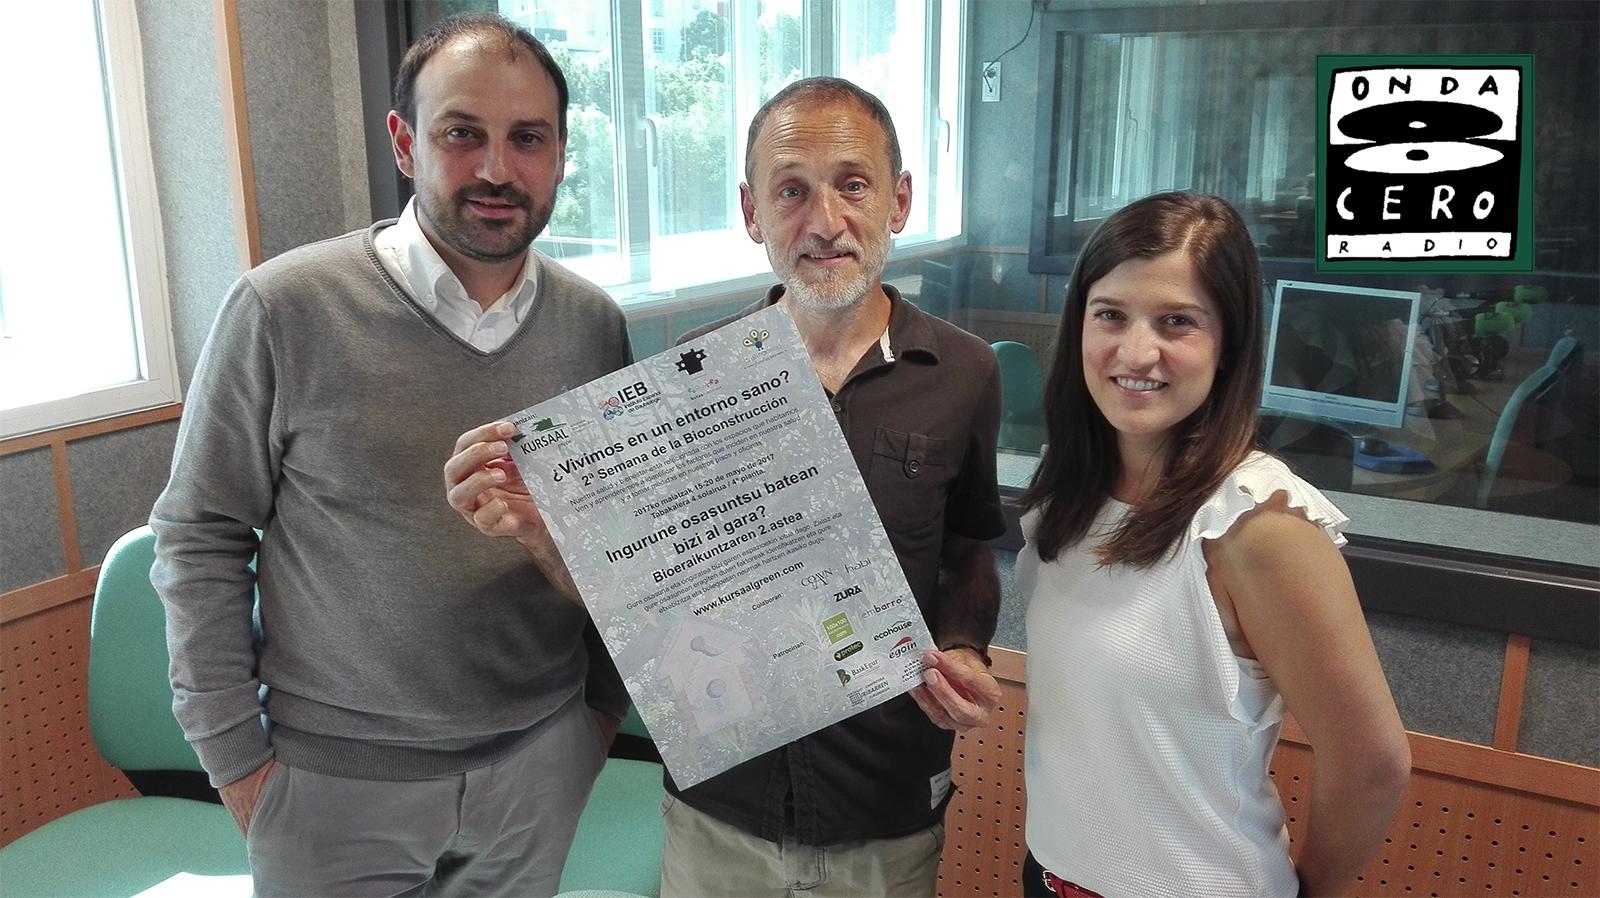 foto noticia: Kursaal Green y la 2ª Semana de la Bioconstrucción en Onda Cero